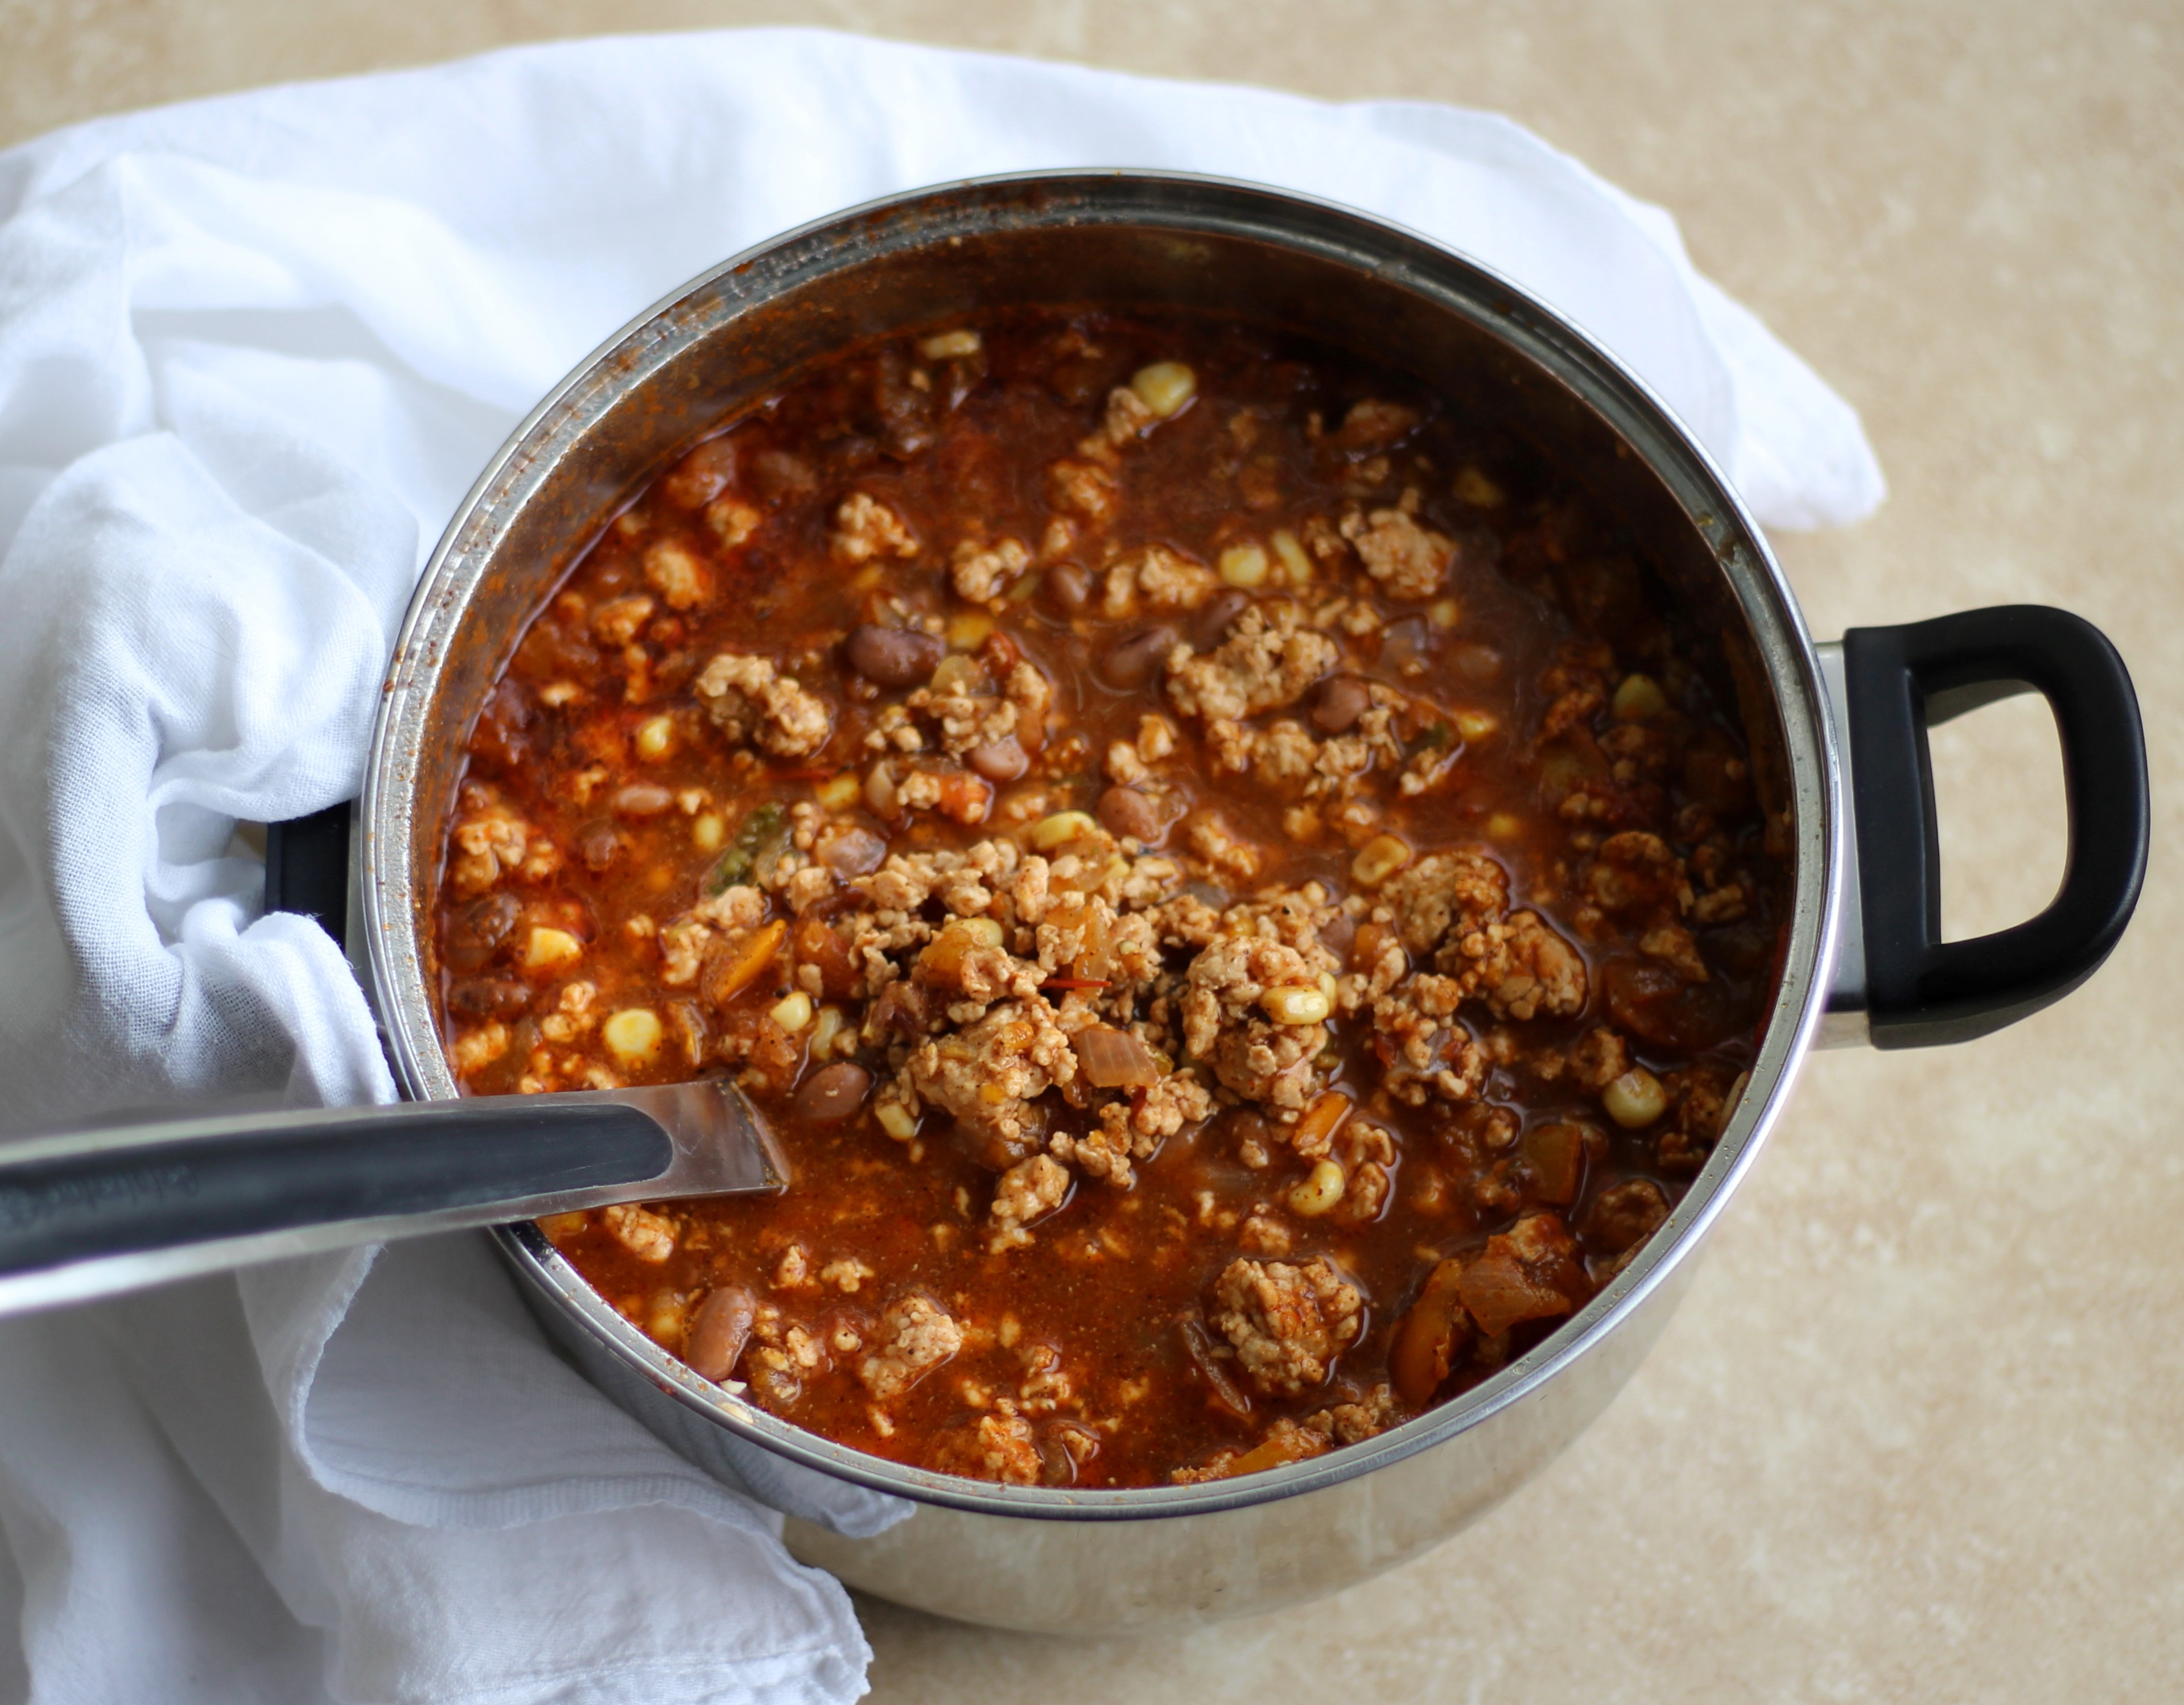 Spicy Turkey Chili 2